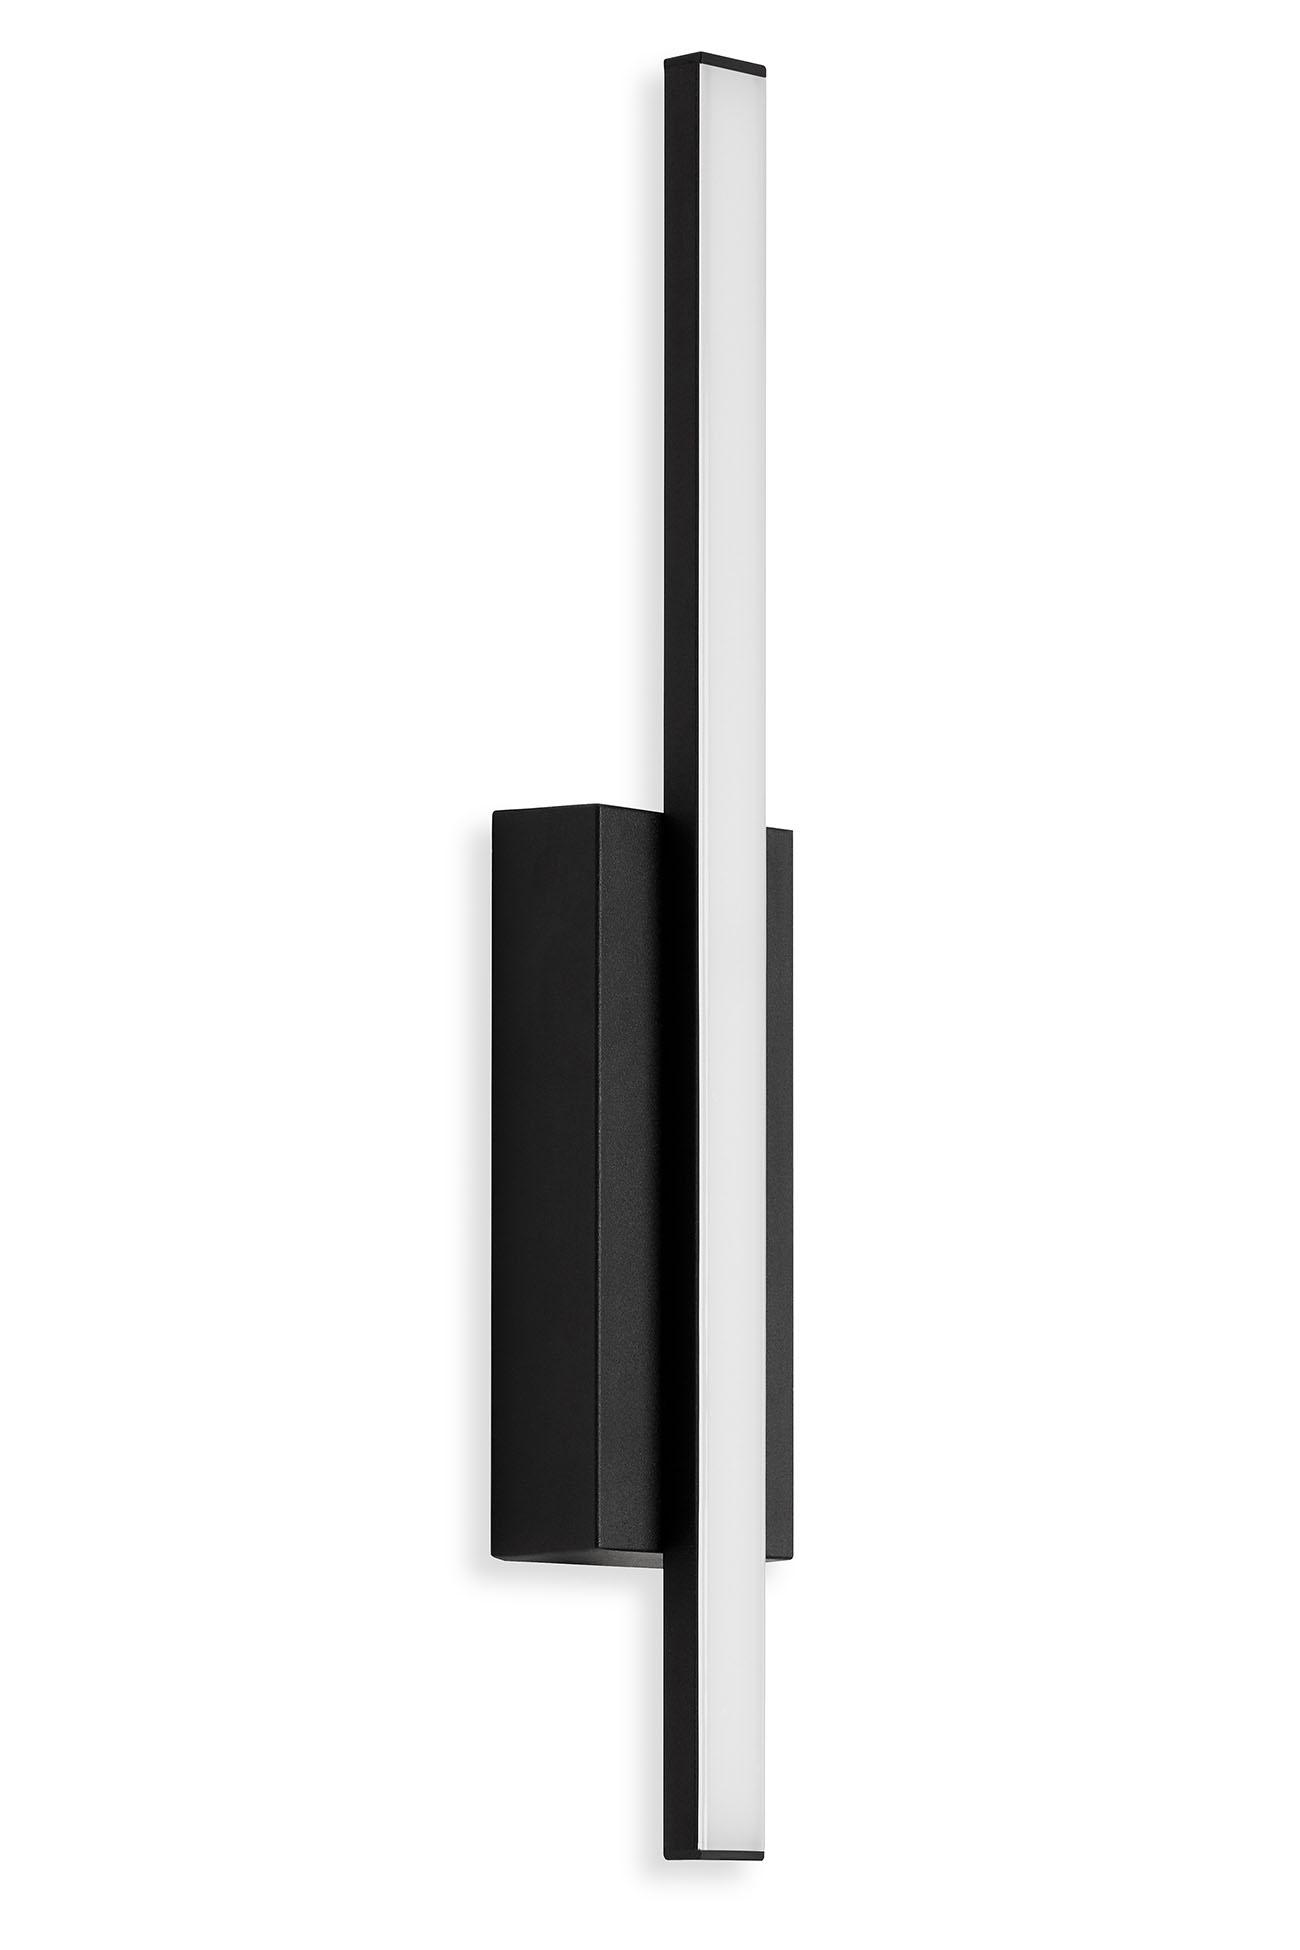 TELEFUNKEN LED Außenwandleuchte, 37 cm, 4 W, Schwarz